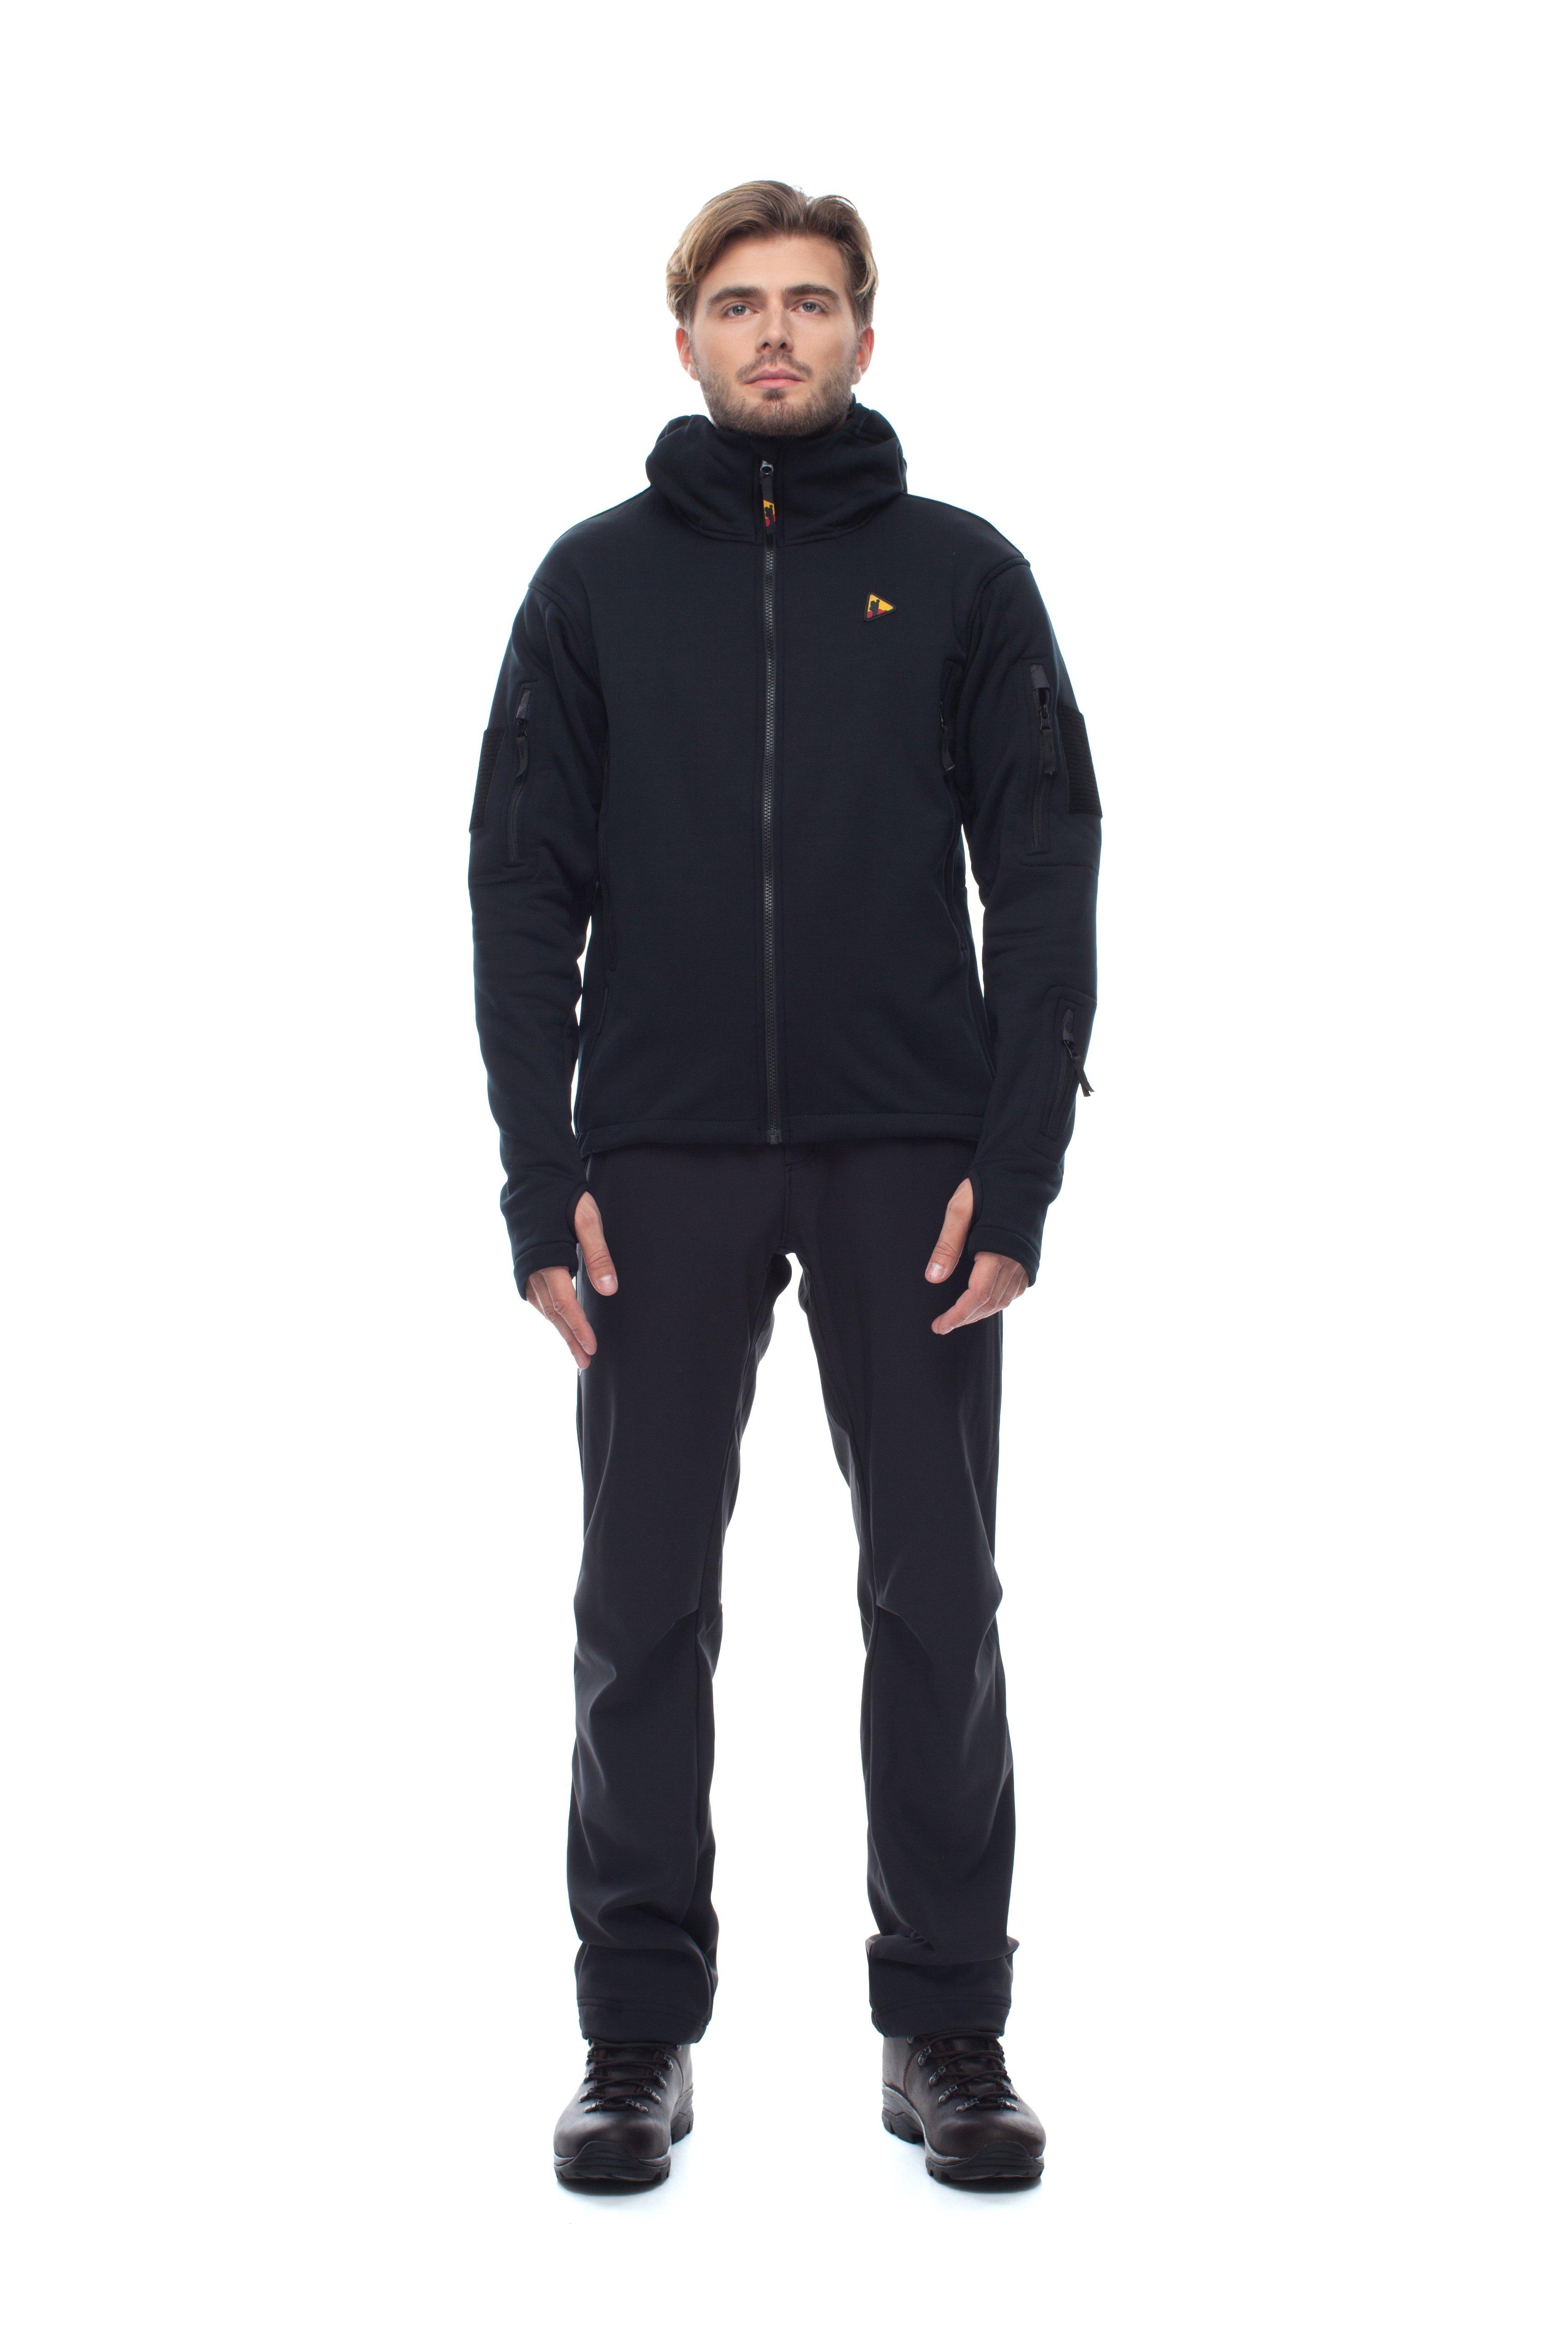 Куртка BASK EXPERT 4955Мужская куртка анатомического кроя из ткани Polartec&amp;reg; Wind Pro&amp;reg;. Предназначена для всесезонного использования. Зимой - в качестве утепляющего слоя, а в остальное время года - как самостоятельная куртка.<br><br>Боковые карманы: 2<br>Вес граммы: 710<br>Ветрозащитная планка: Нет<br>Внутренние карманы: 2<br>Материал: Polartec Wind Pro®<br>Пол: Муж.<br>Регулировка вентиляции: Нет<br>Регулировка низа: Да<br>Регулируемые вентиляционные отверстия: Нет<br>Тип молнии: однозамковая<br>Усиление контактных зон: Нет<br>Размер INT: S<br>Цвет: ЧЕРНЫЙ